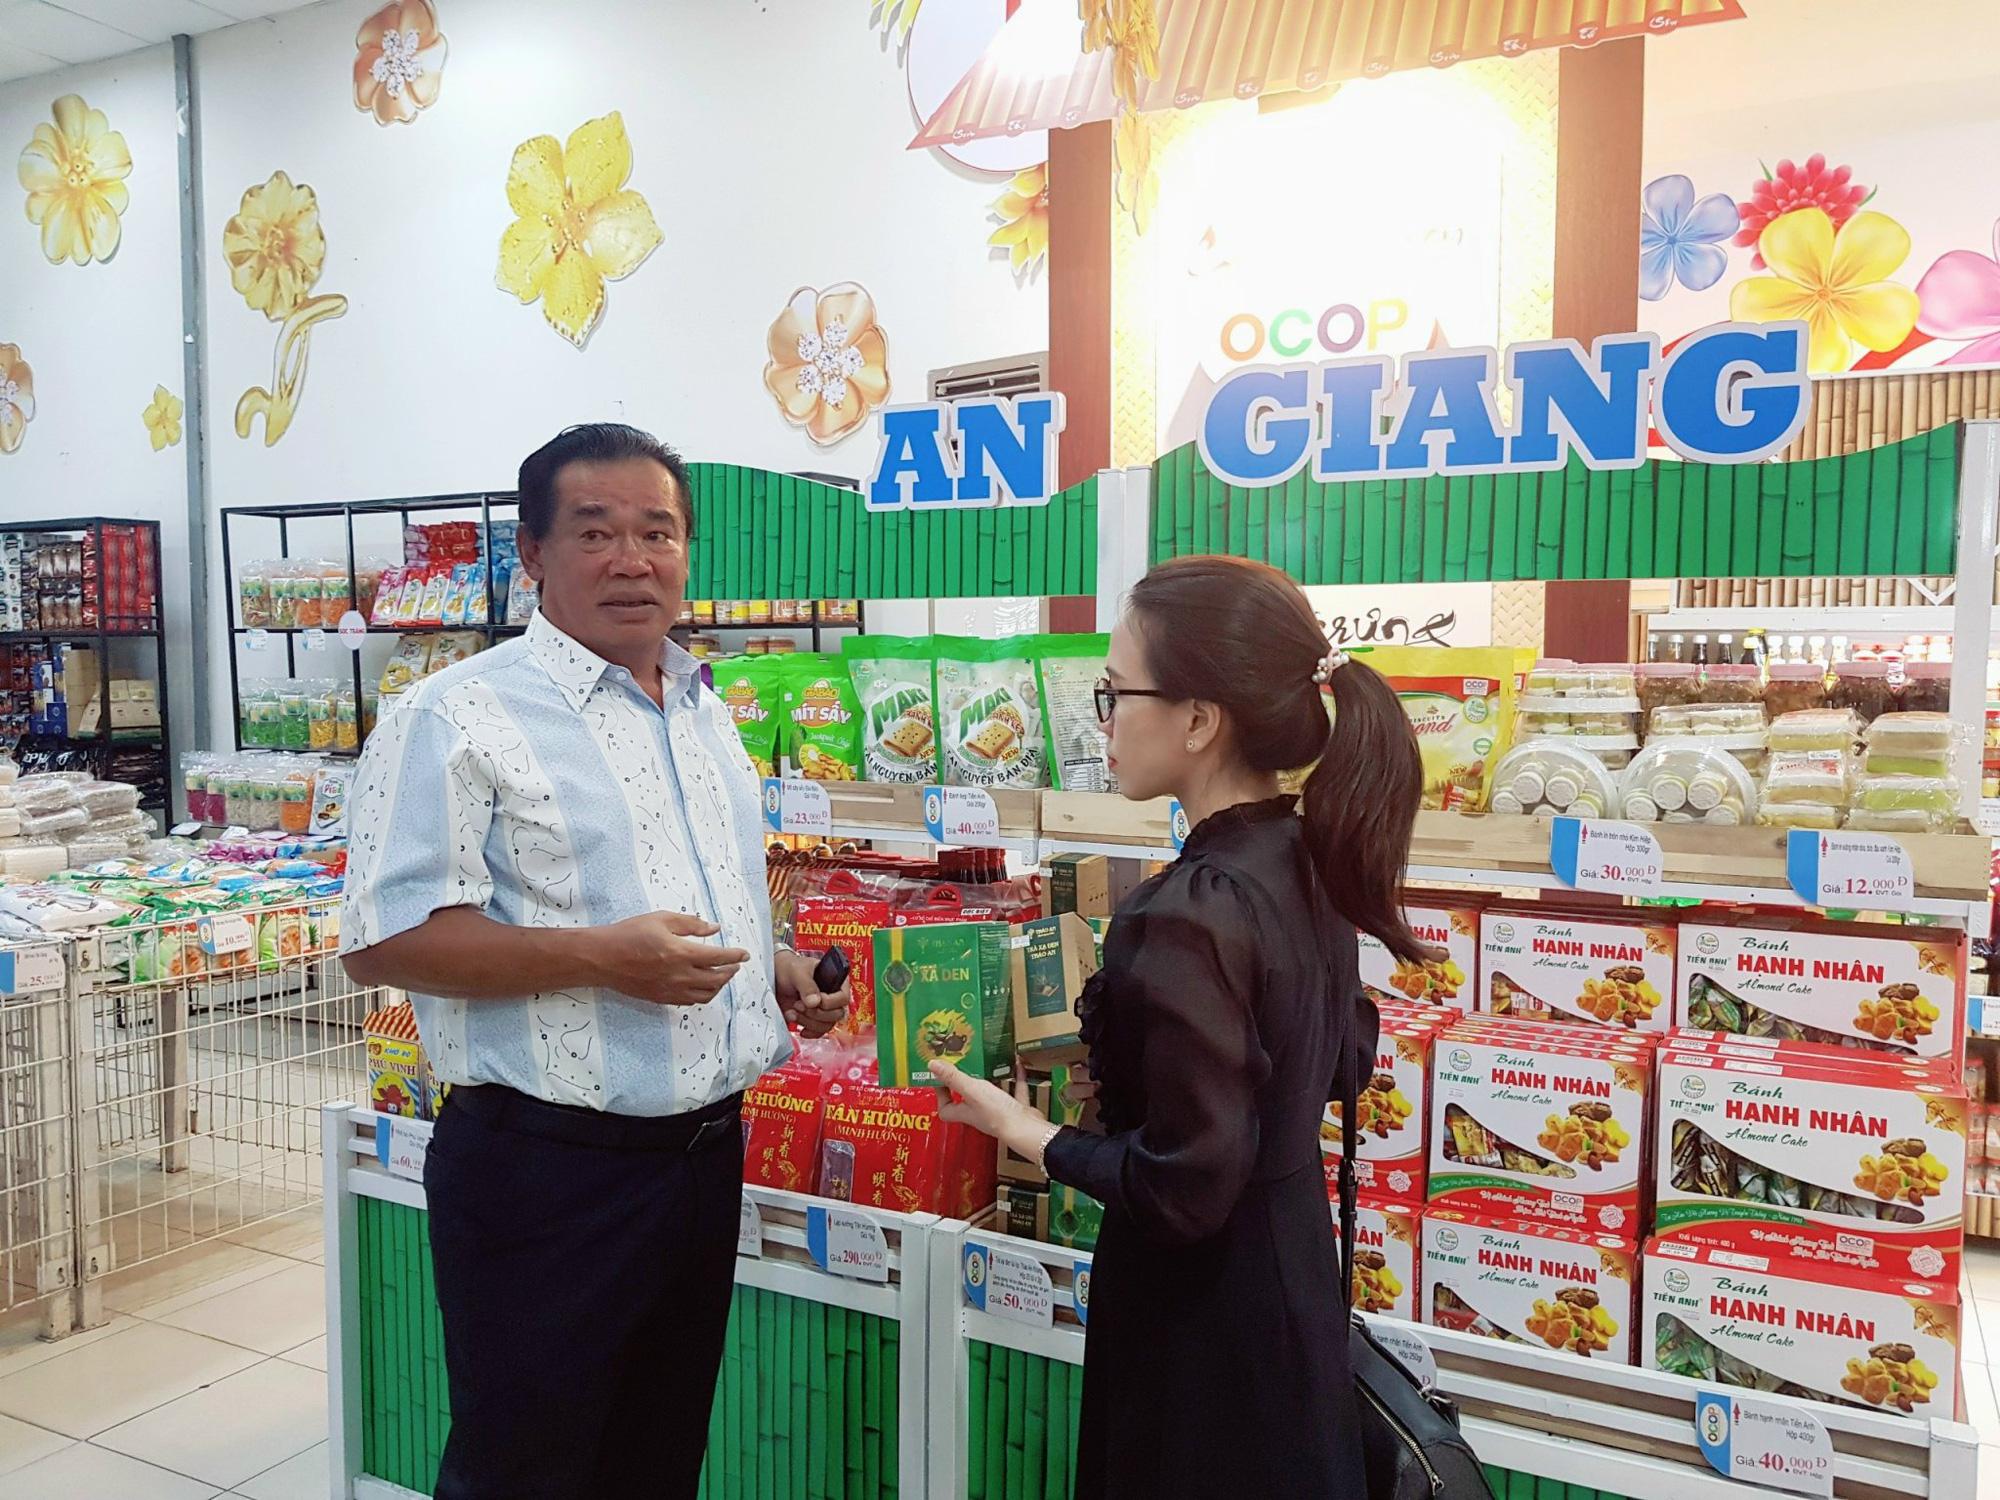 Sản phẩm OCOP 24 tỉnh, thành hội tụ tại Châu Đốc An Giang - Ảnh 2.